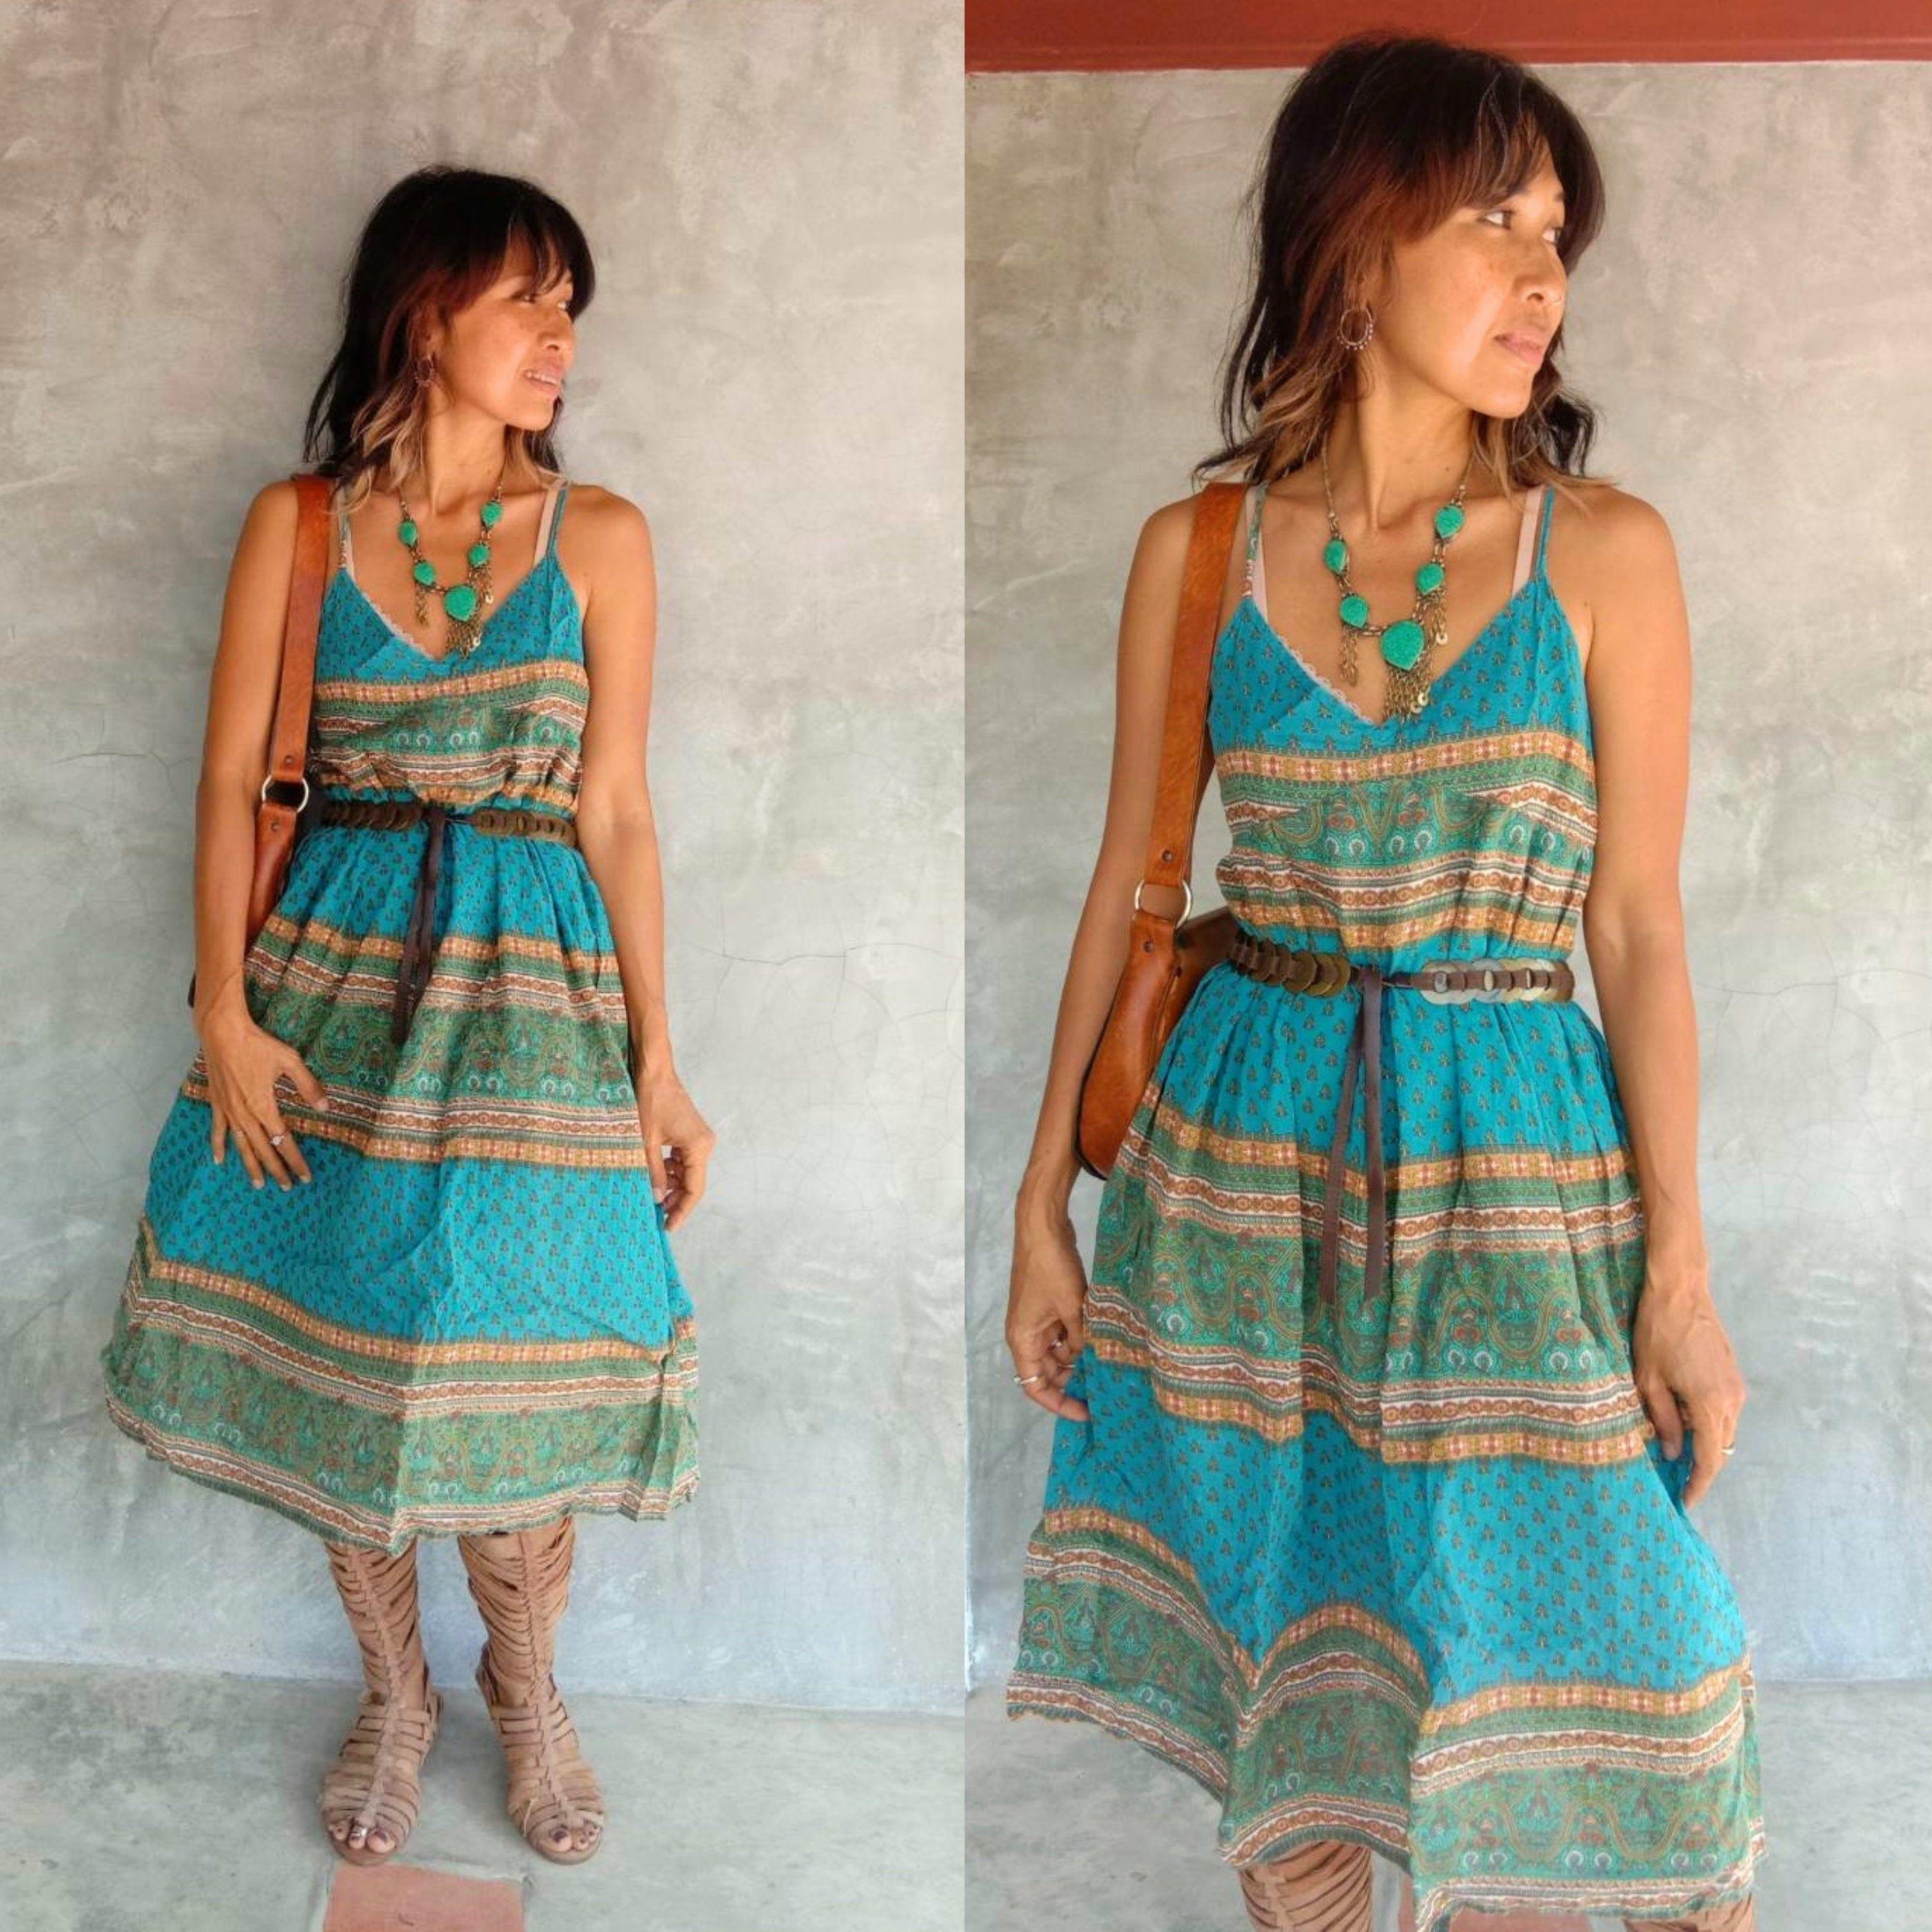 Vintage Indian Gauze Cotton 90s Boho Midi Dress Spaghetti Etsy Boho Midi Dress Dresses Maternity Dresses [ 2800 x 2800 Pixel ]